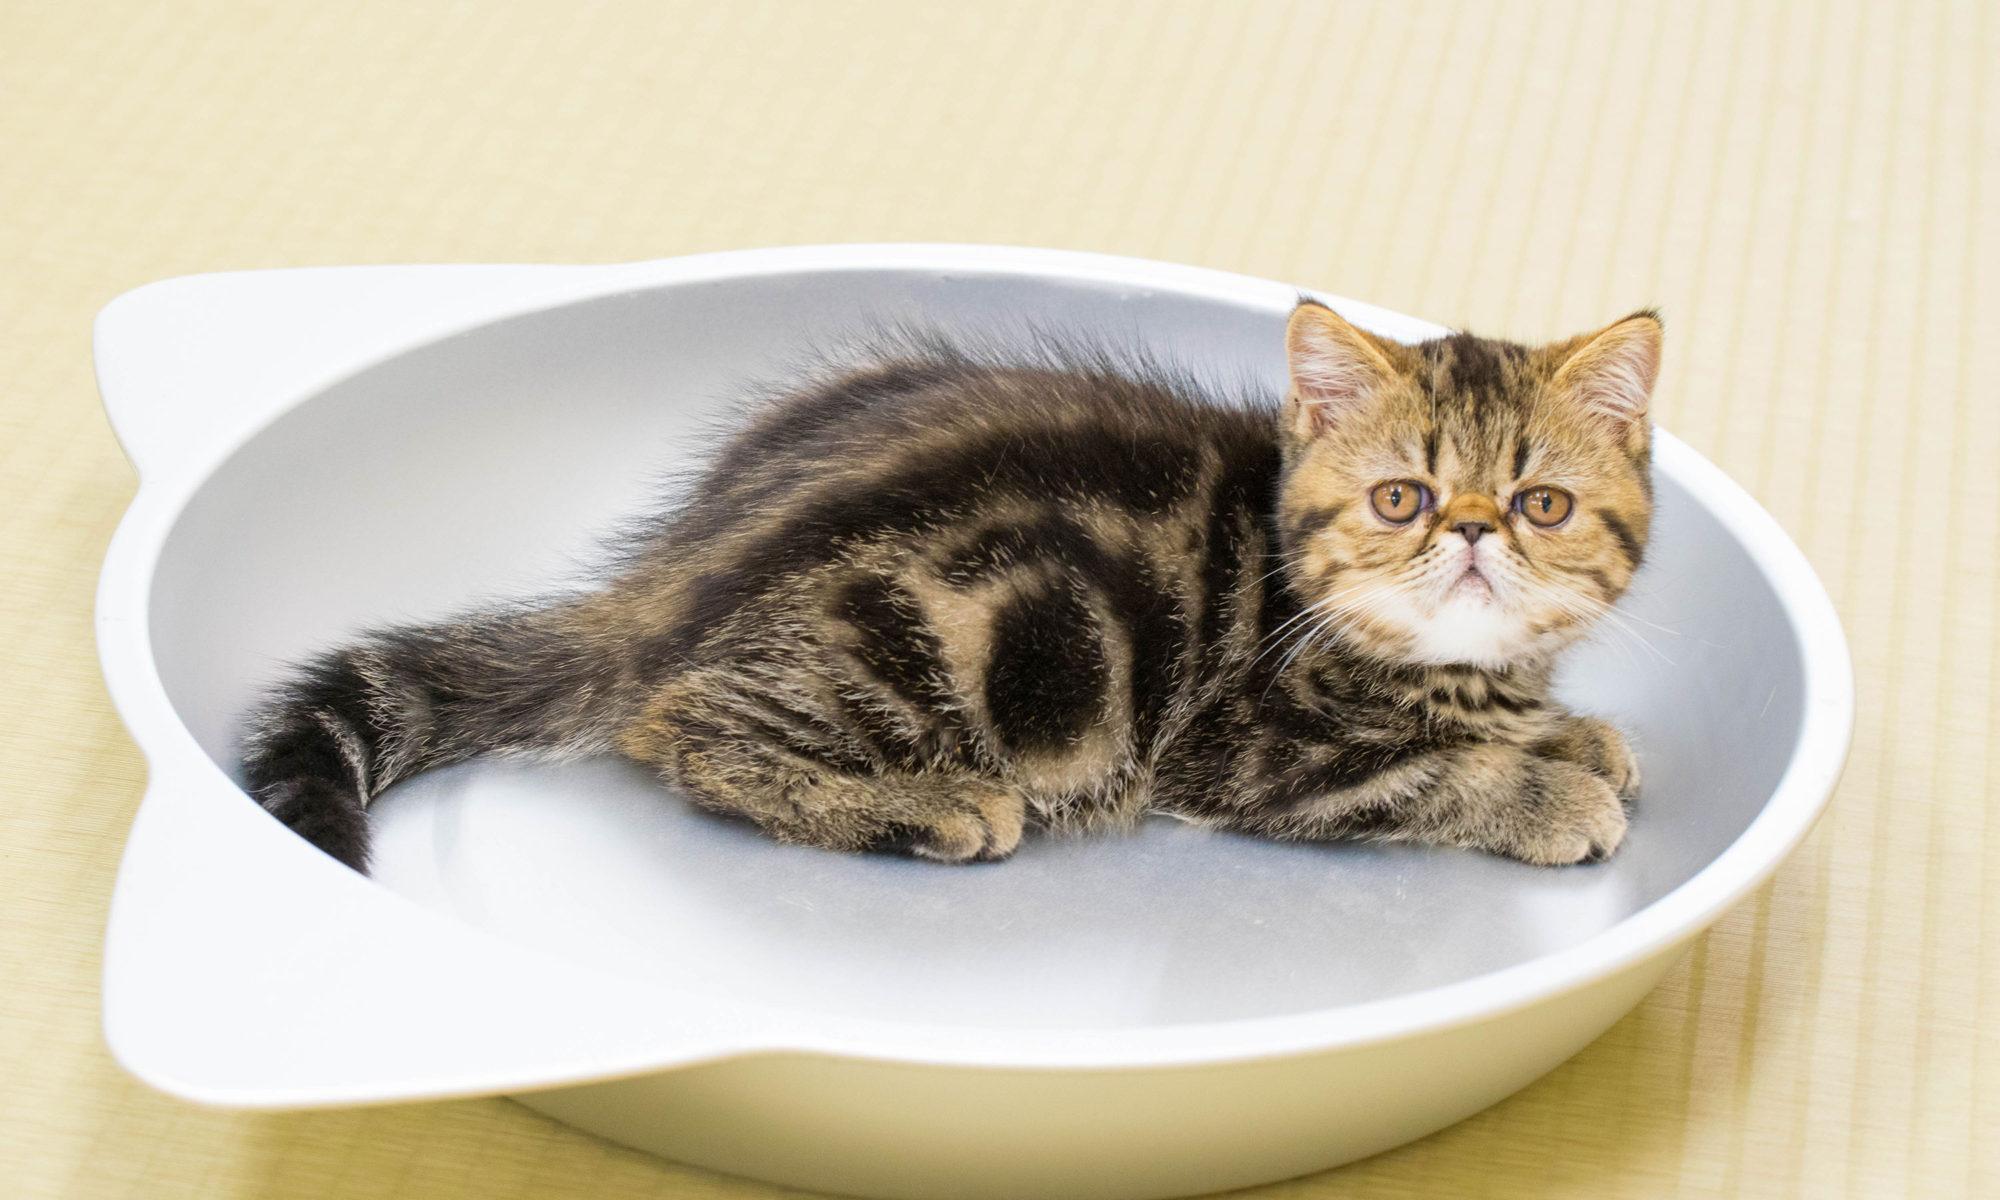 大阪梅田の猫カフェにあにゃあふとこんぶ